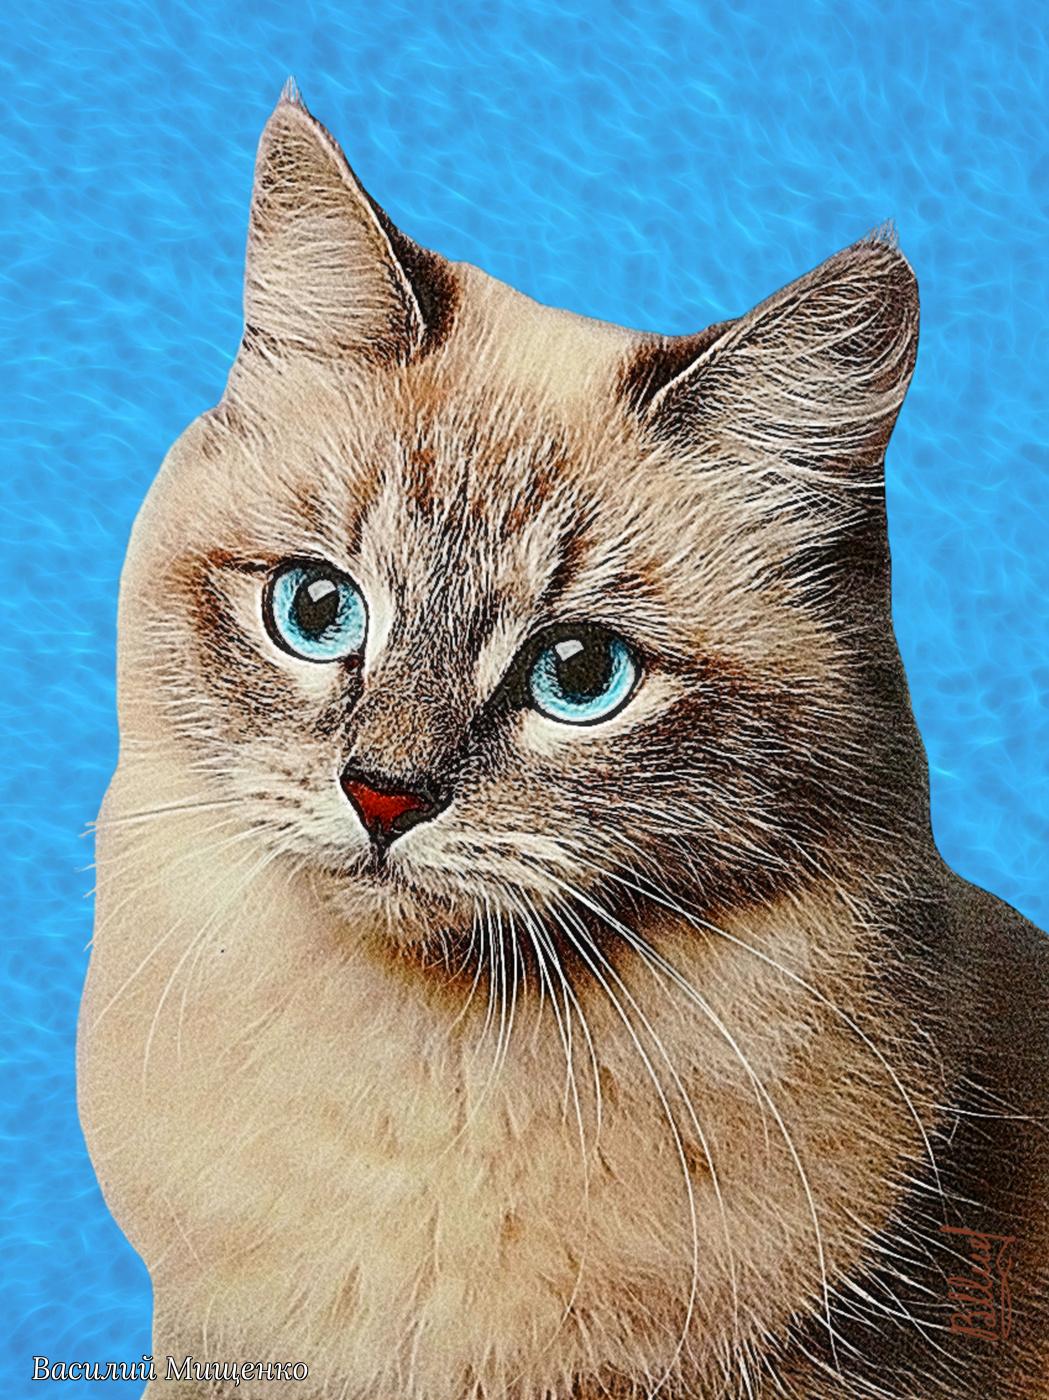 Vasiliy Mishchenko. Cat with blue eyes